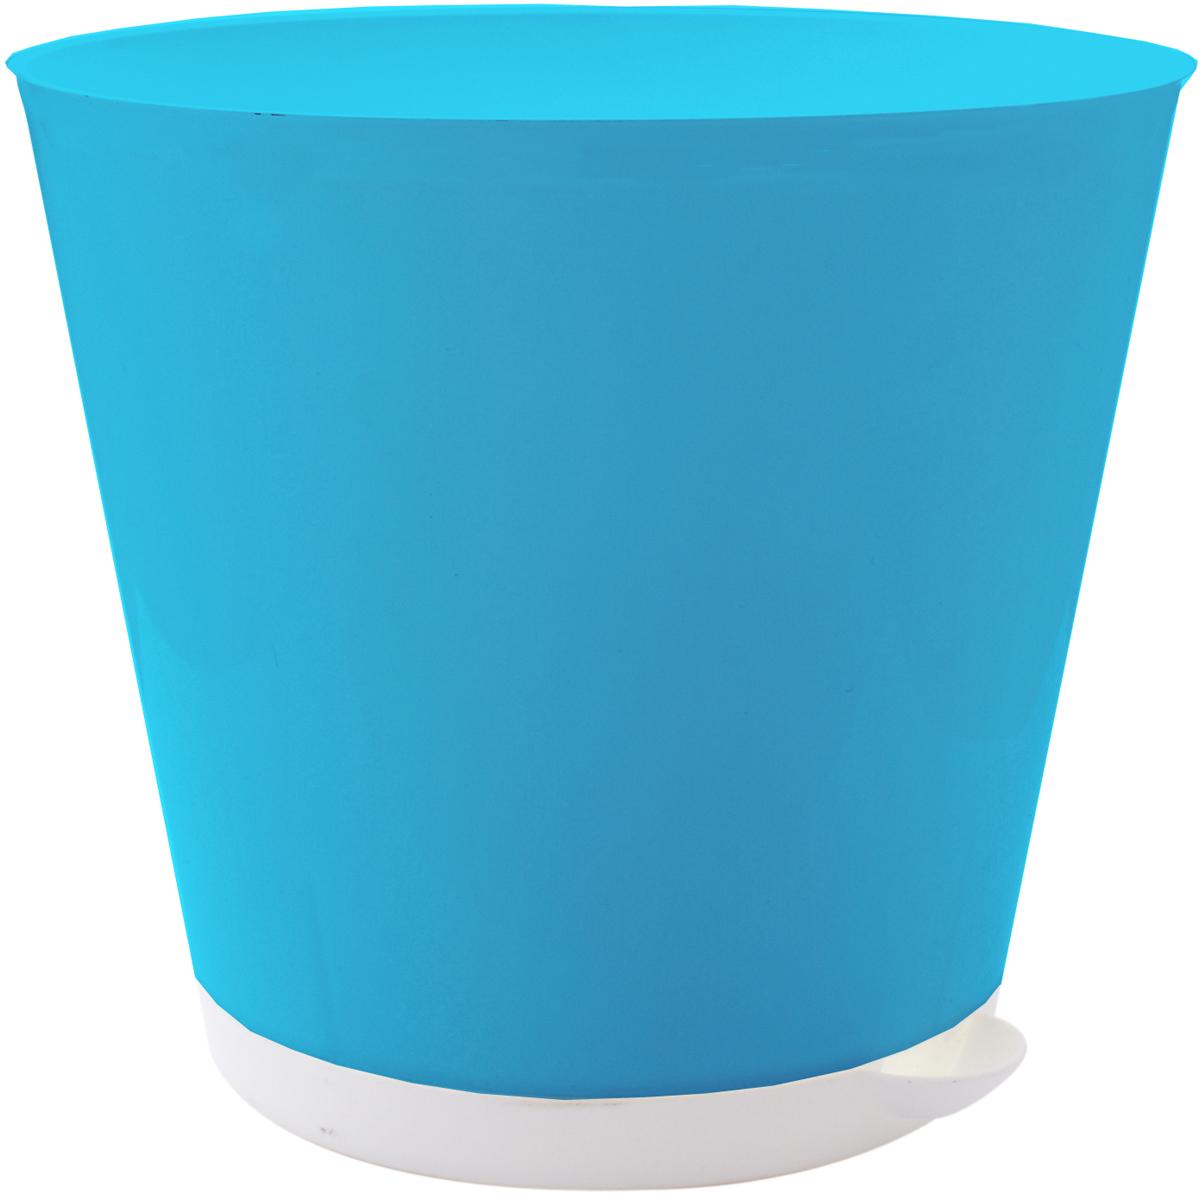 Горшок для цветов InGreen Крит, с системой прикорневого полива, цвет: светло-синий, белый, диаметр 16 смDK002-BГоршок InGreen Крит, выполненный из высококачественного полипропилена (пластика), предназначен для выращивания комнатных цветов, растений и трав. Специальная конструкция обеспечивает вентиляцию в корневой системе растения, а дренажные отверстия позволяют выходить лишней влаге из почвы. Крепежные отверстия и штыри прочно крепят подставку к горшку. Прикорневой полив растения осуществляется через удобный носик. Система прикорневого полива позволяет оставлять комнатное растение без внимания тем, кто часто находится в командировках или собирается в отпуск и не имеет возможности вовремя поливать цветы.Такой горшок порадует вас современным дизайном и функциональностью, а также оригинально украсит интерьер любого помещения. Объем горшка: 1,8 л.Диаметр горшка (по верхнему краю): 16 см.Высота горшка: 14,7 см.